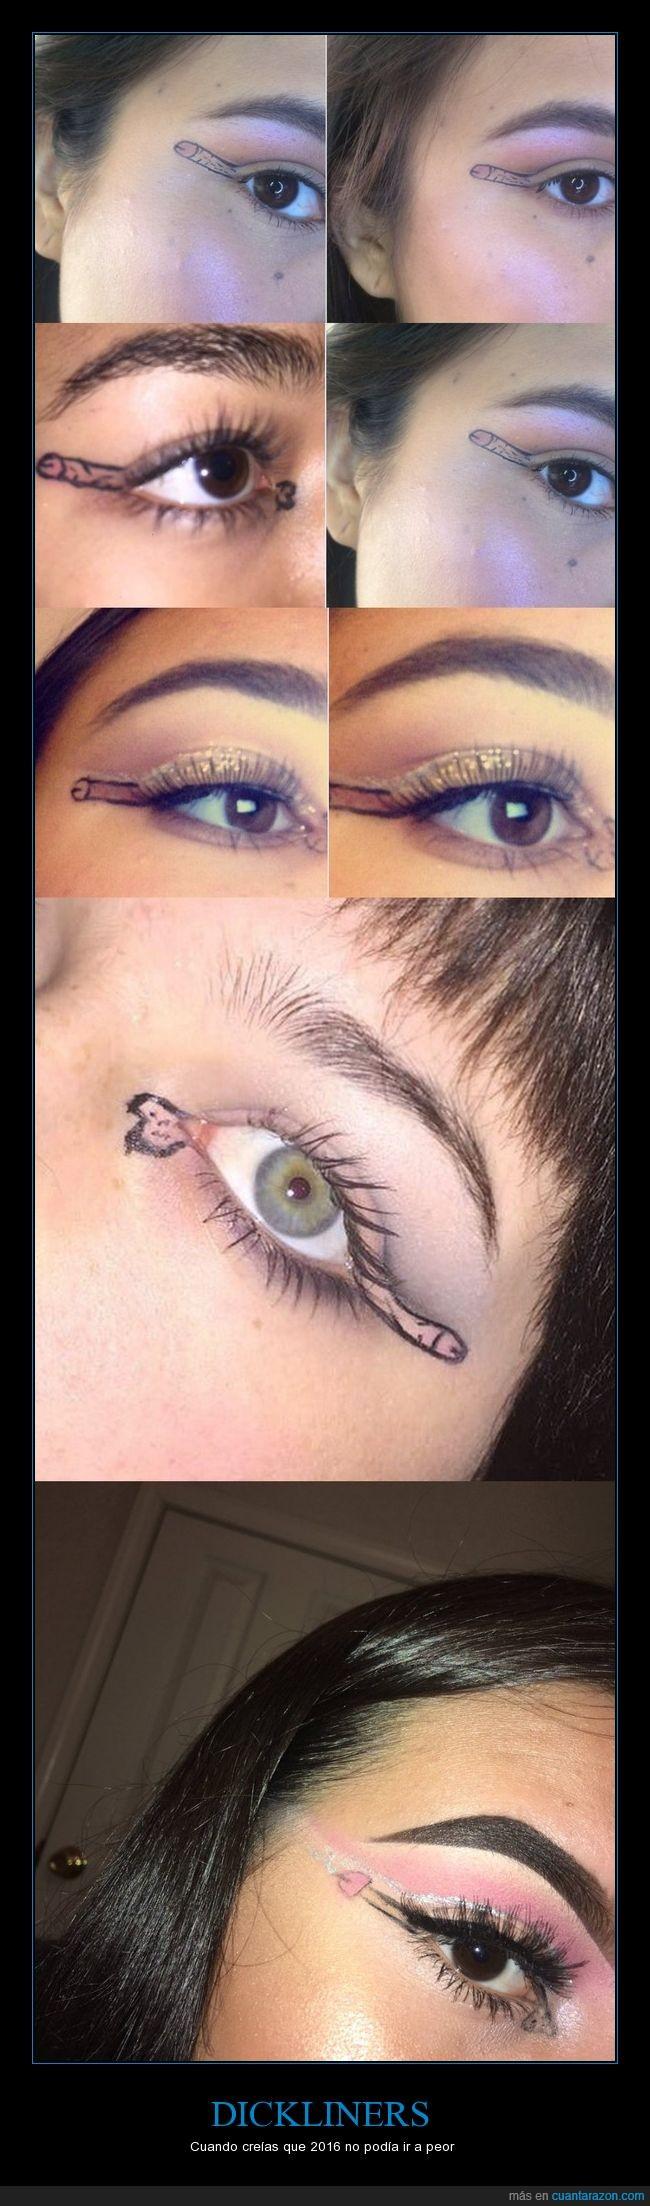 dickliners,maquillaje,ojos,por qué?,wtf